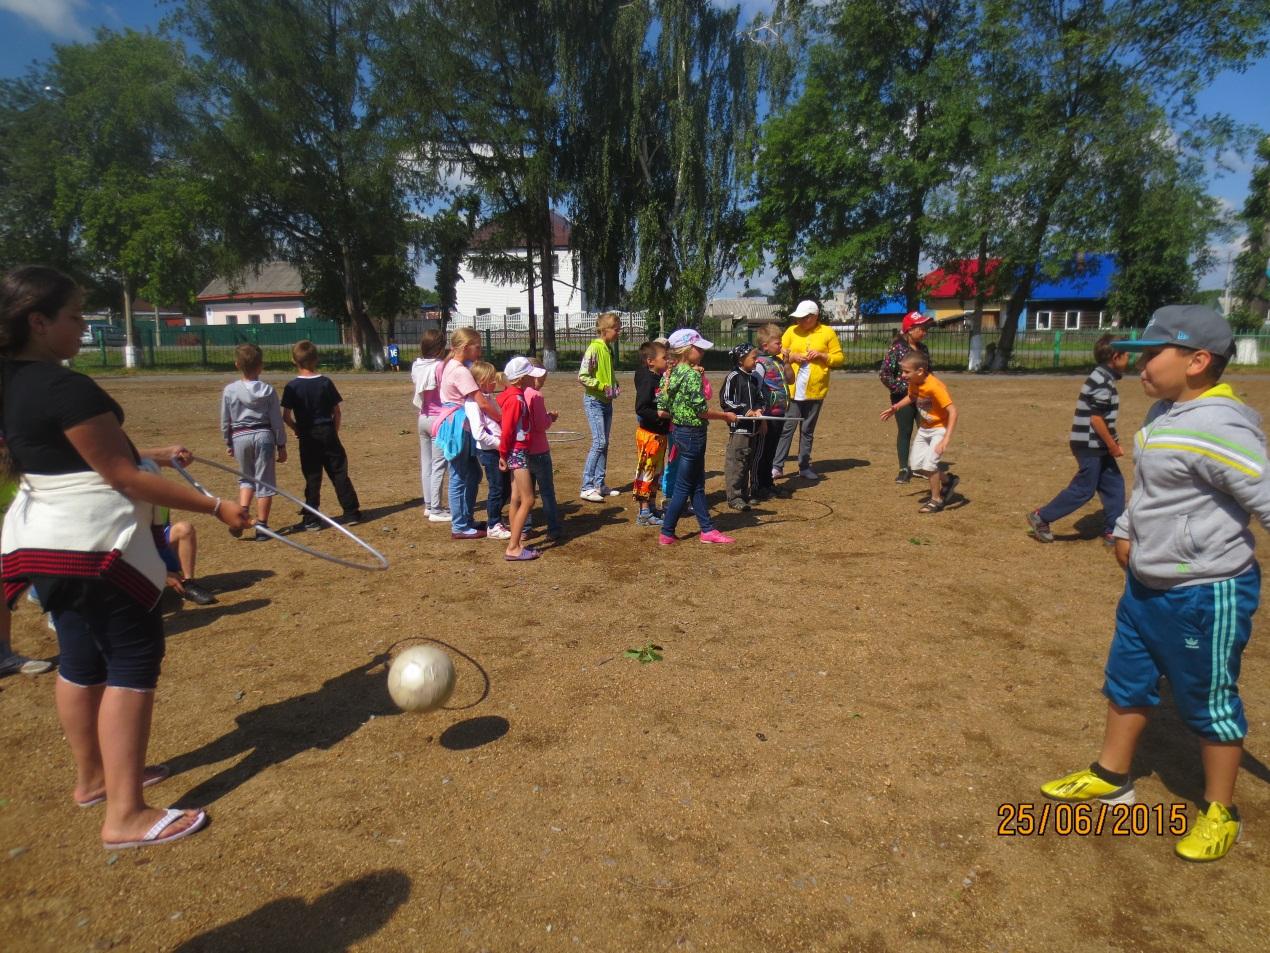 Сценарий спортивных соревнований в летнем лагере